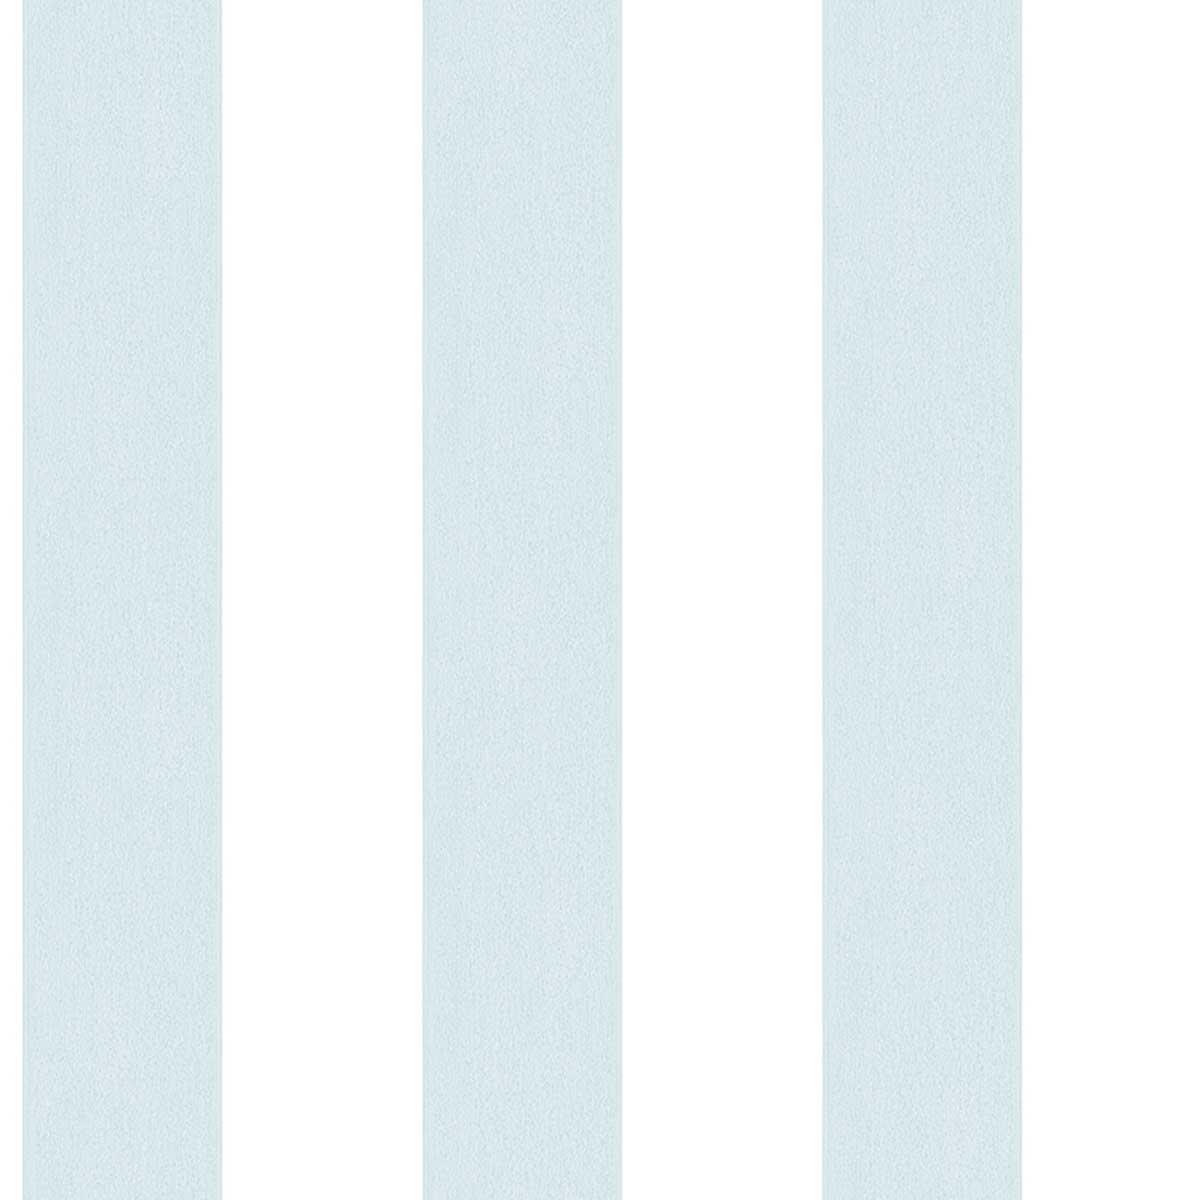 Papier peint LUTECE à rayures bicolores - Bleu/Blanc - 10 m x 0,53 m